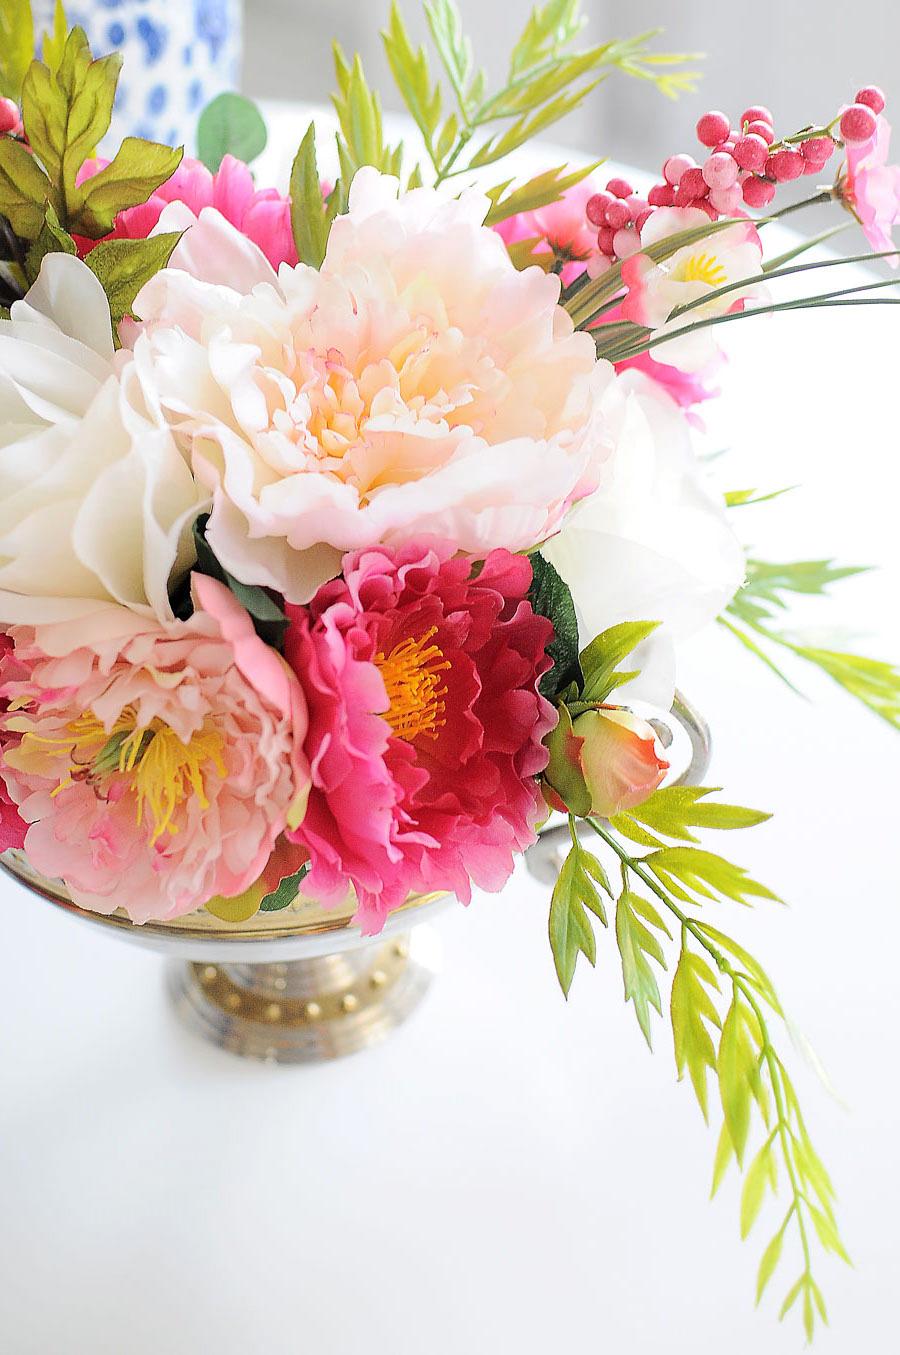 tischdekoration ideen, rosa und weiße blumen, tischdeko arrangieren, grüne zweige